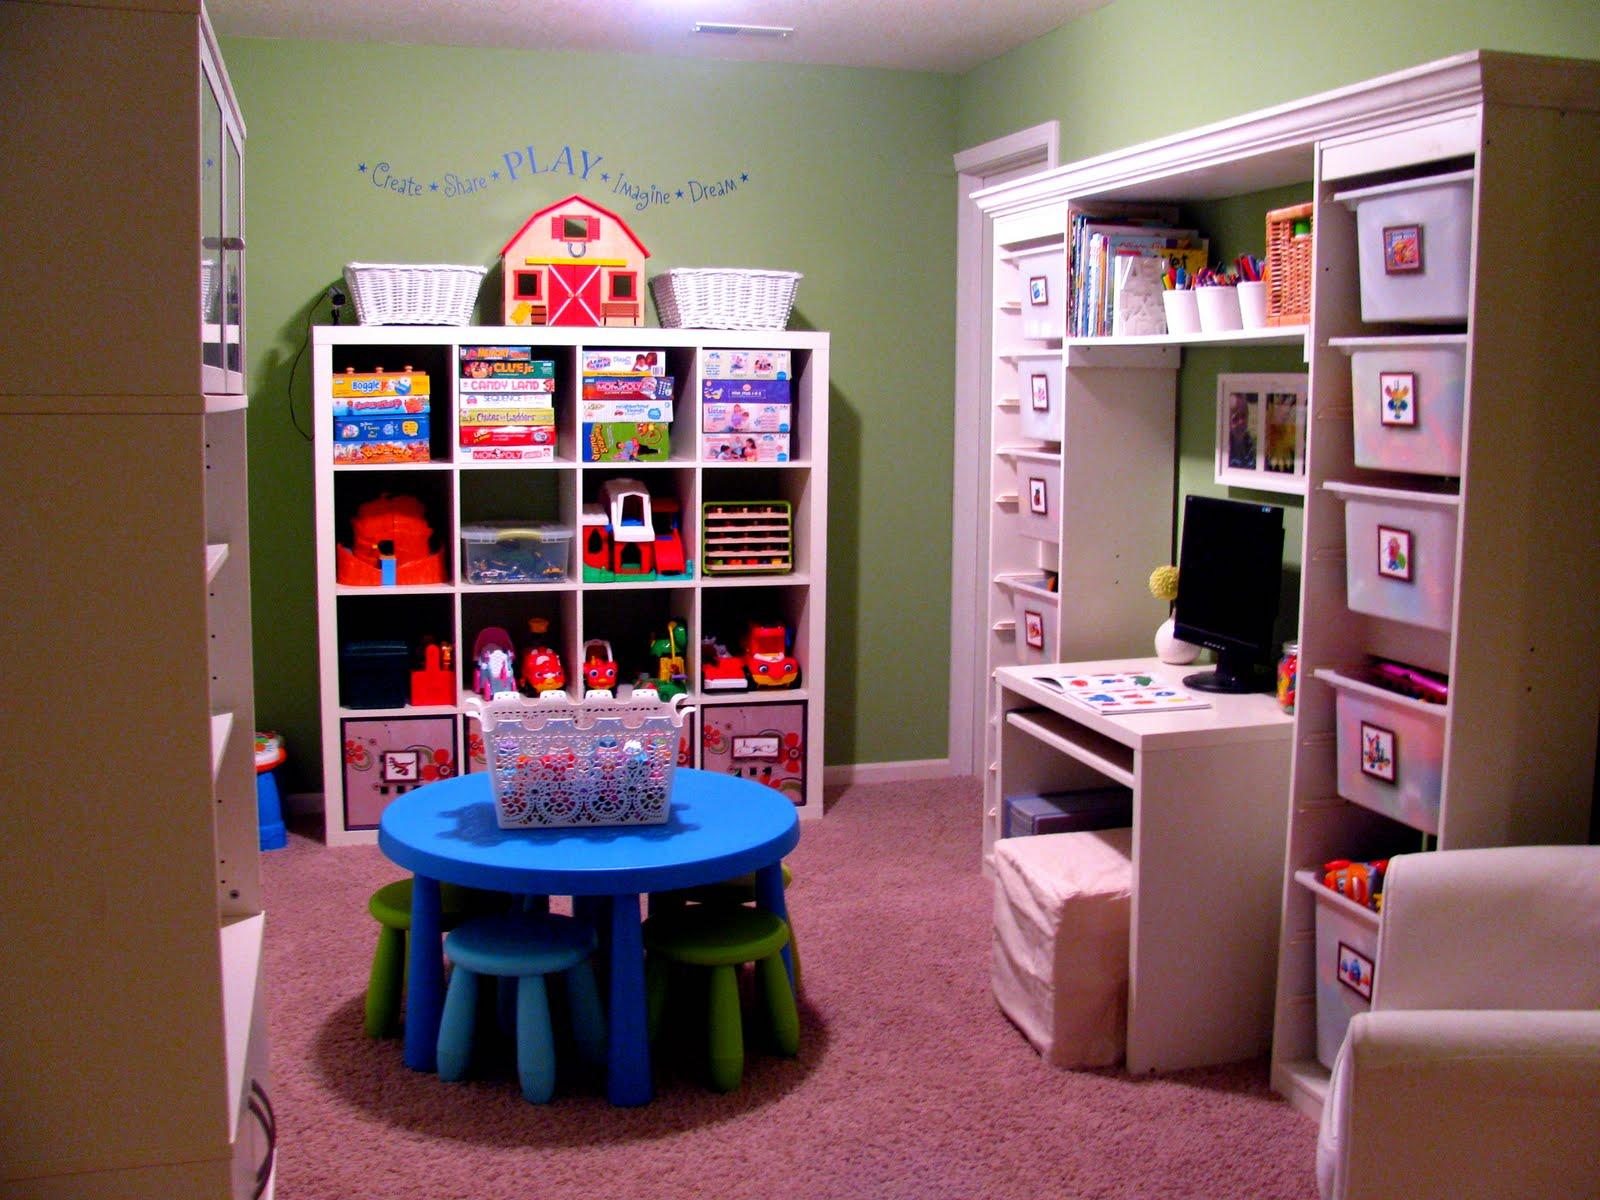 Drawn bookcase organized Was Room DIY drawn Room